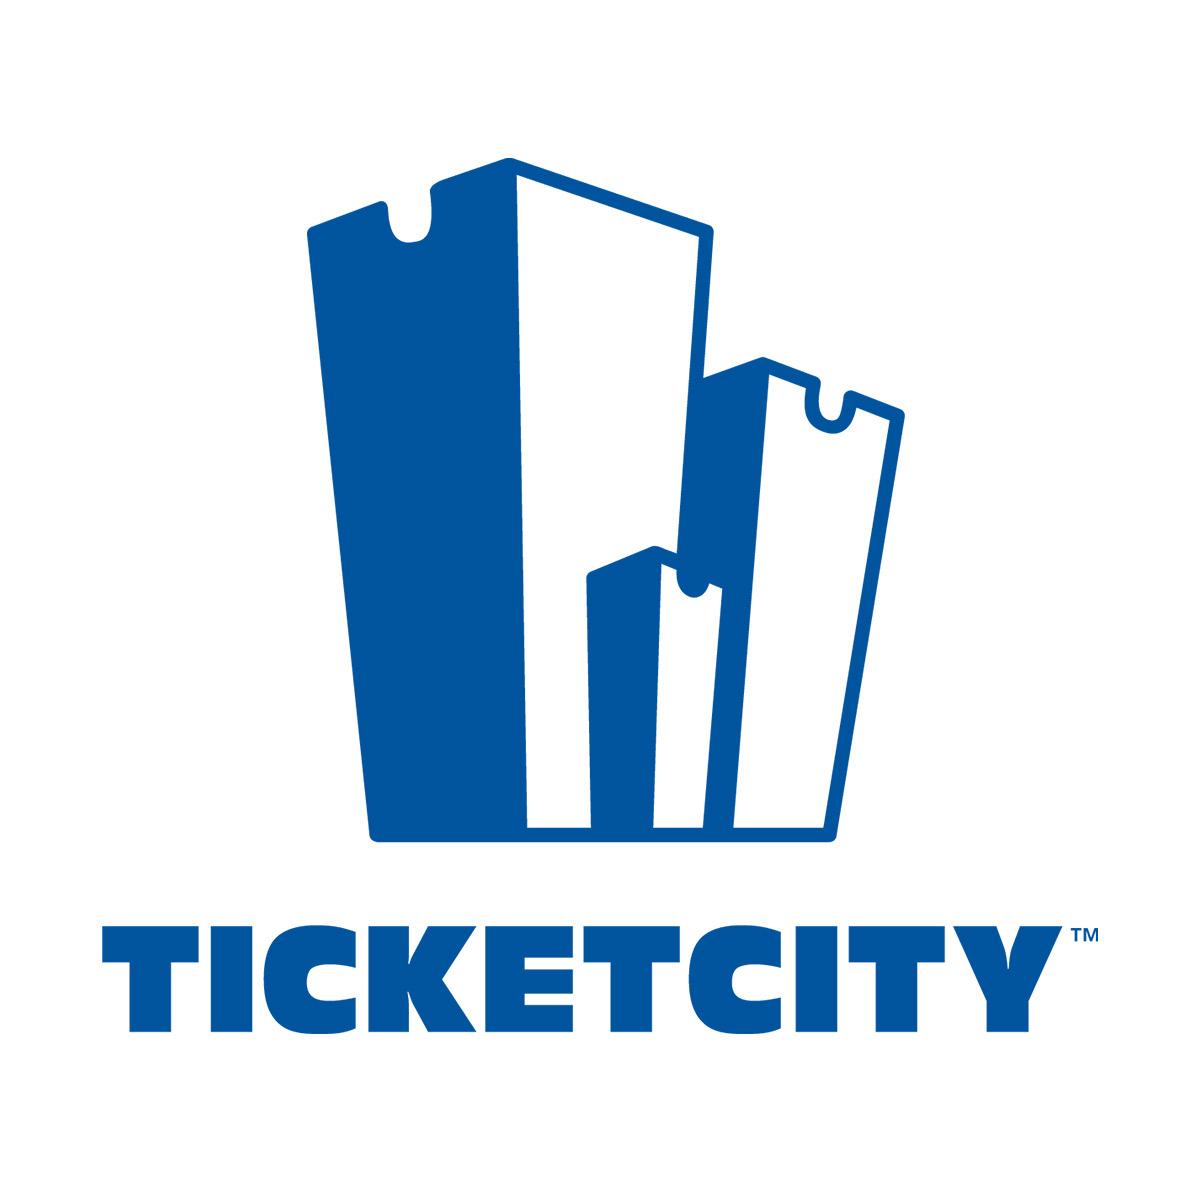 Acorn Theater Tickets